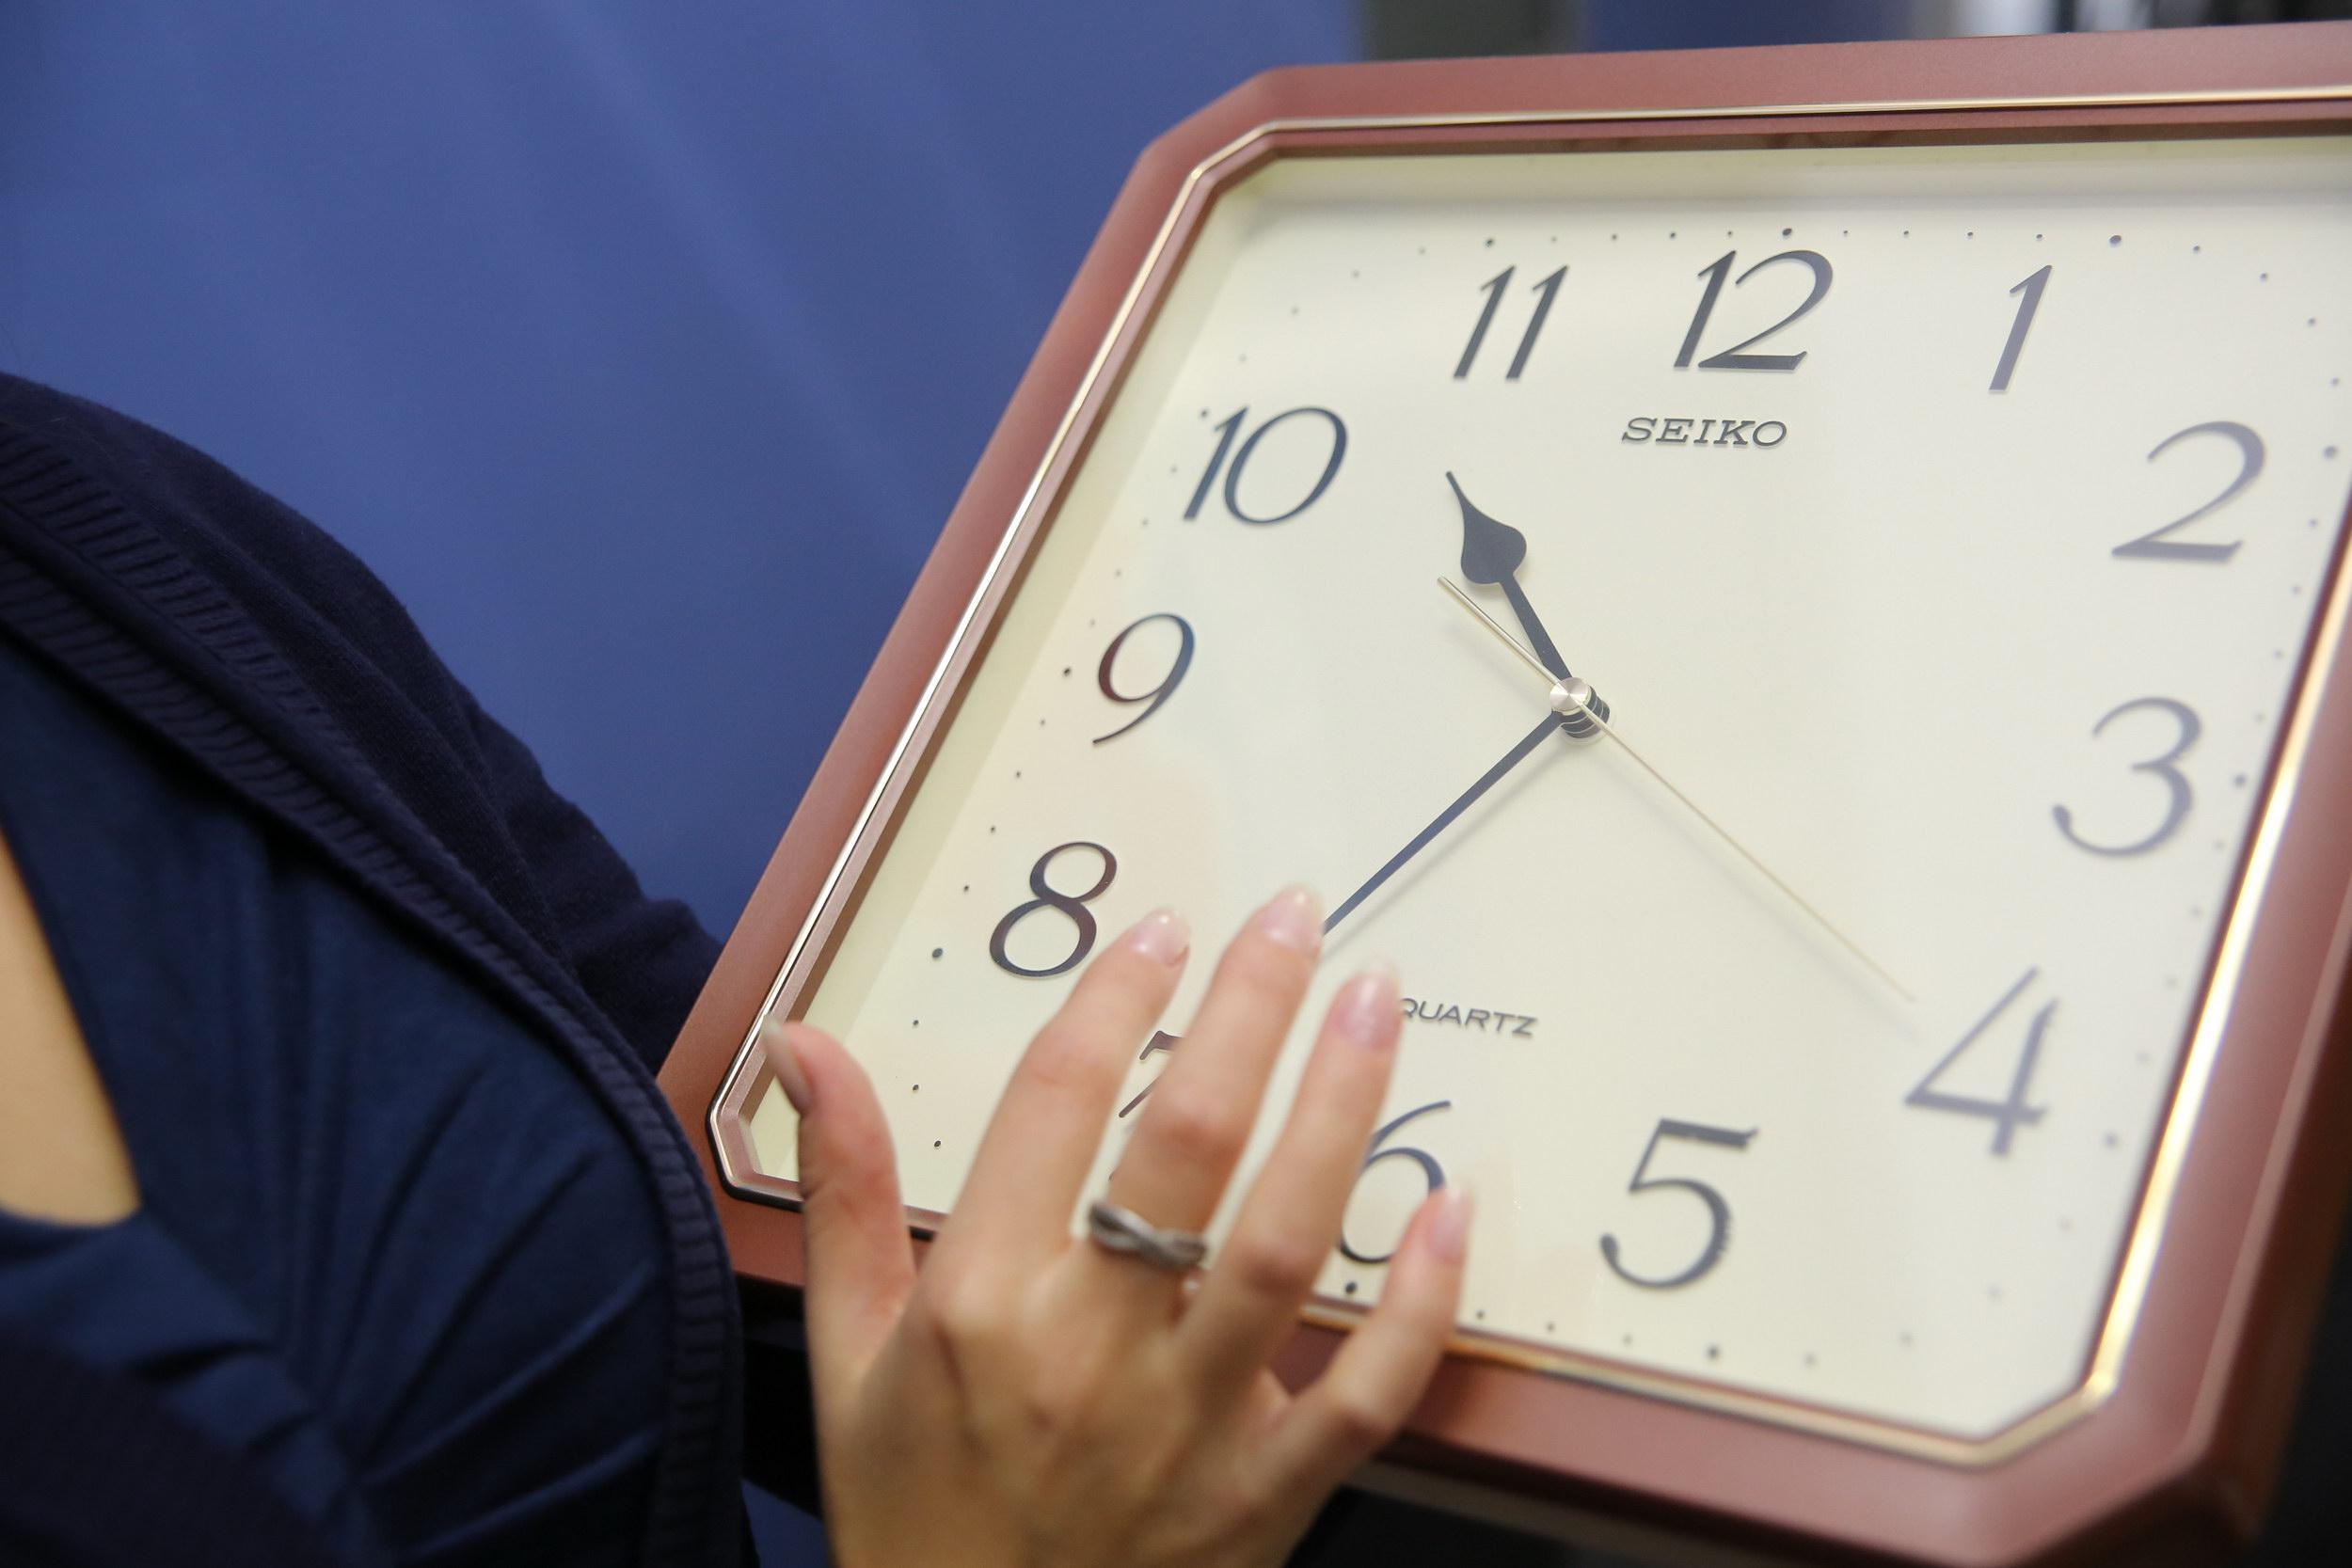 Волгоградский избирком одобрил проведение референдума опереводе часов